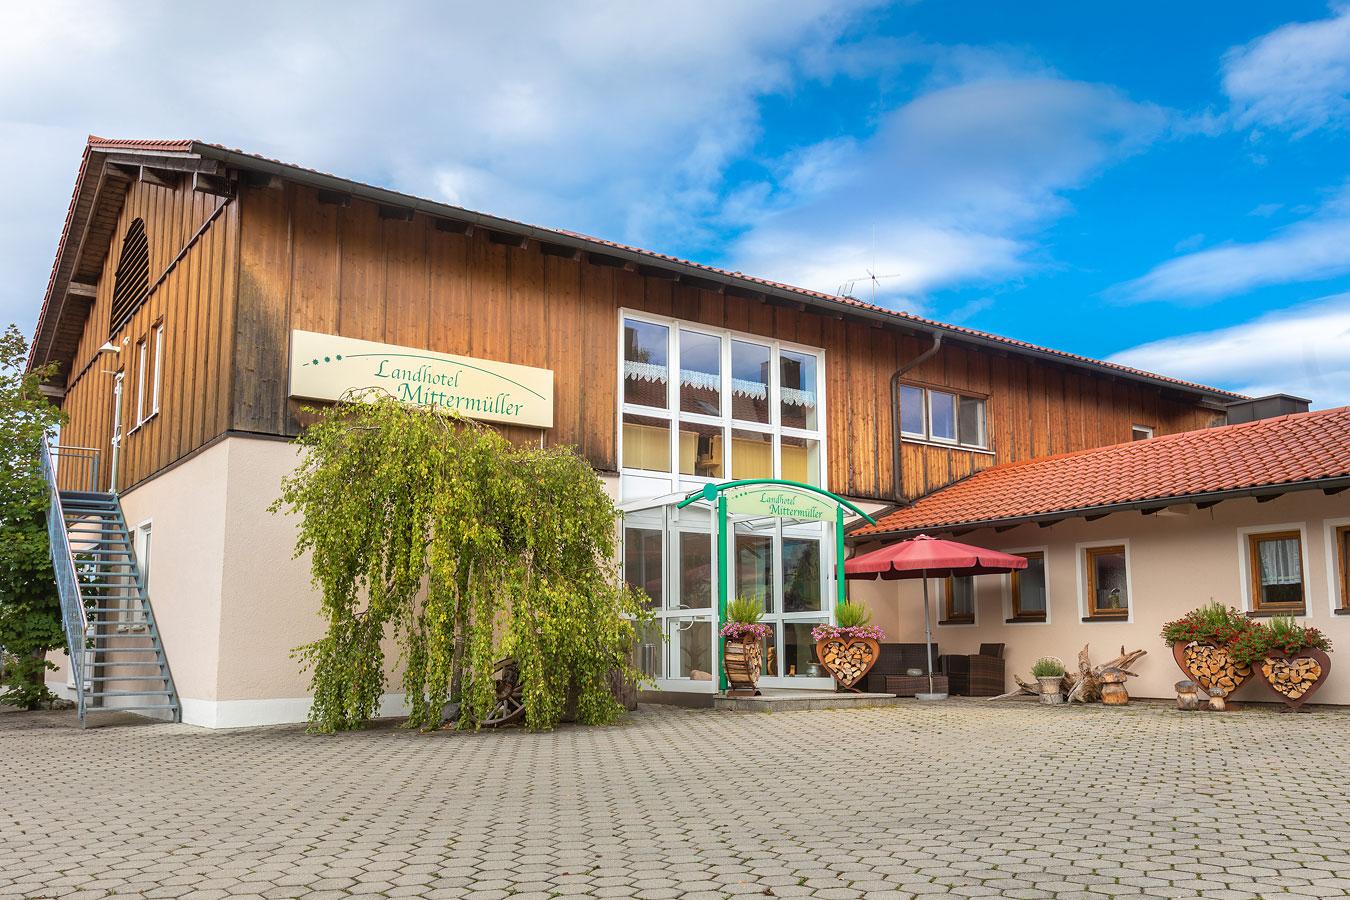 Landhotel Mittermüller / Putzbrunn bei München / Fotostyle Schindler / Straubing www.fotostyle-schindler.de